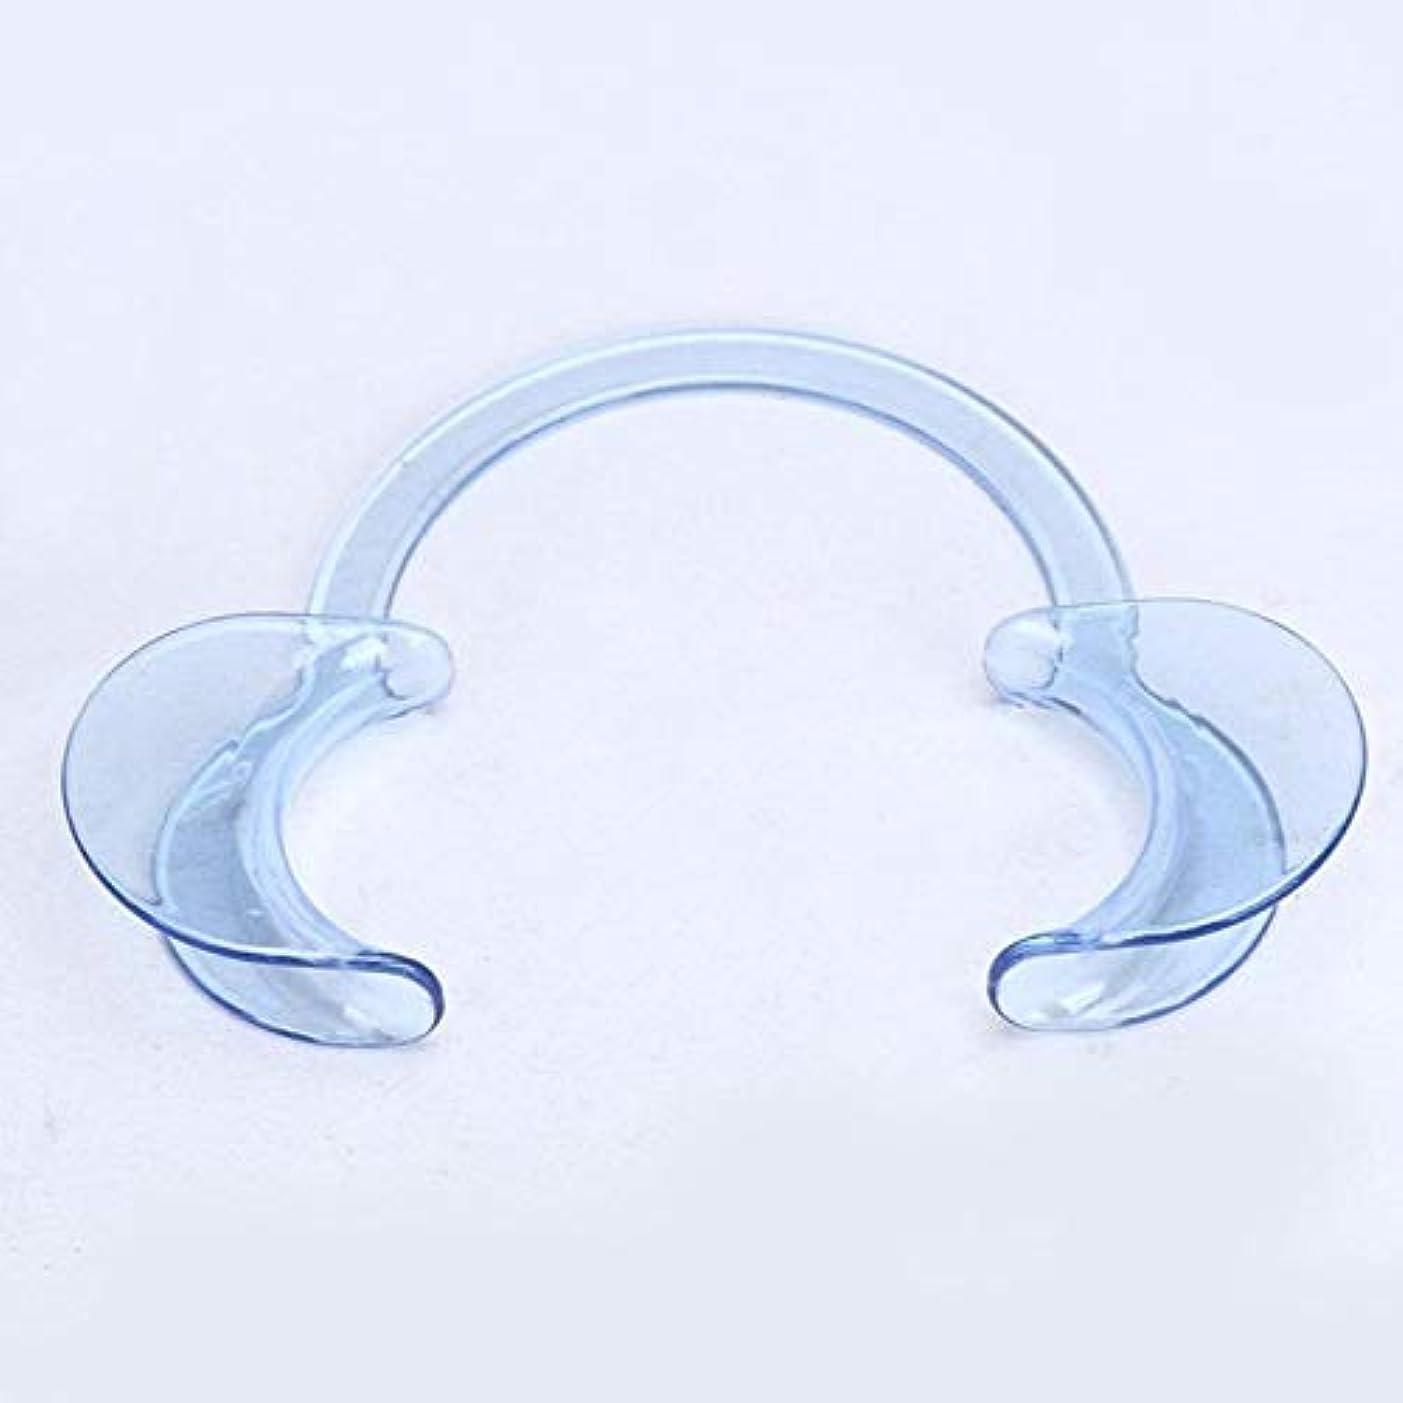 天使スキッパーボウリングDC パック 歯科 C型 開口器 口オープナー マウスオープナー 開口マウスオープナー C型ホワイトニング口の開創器